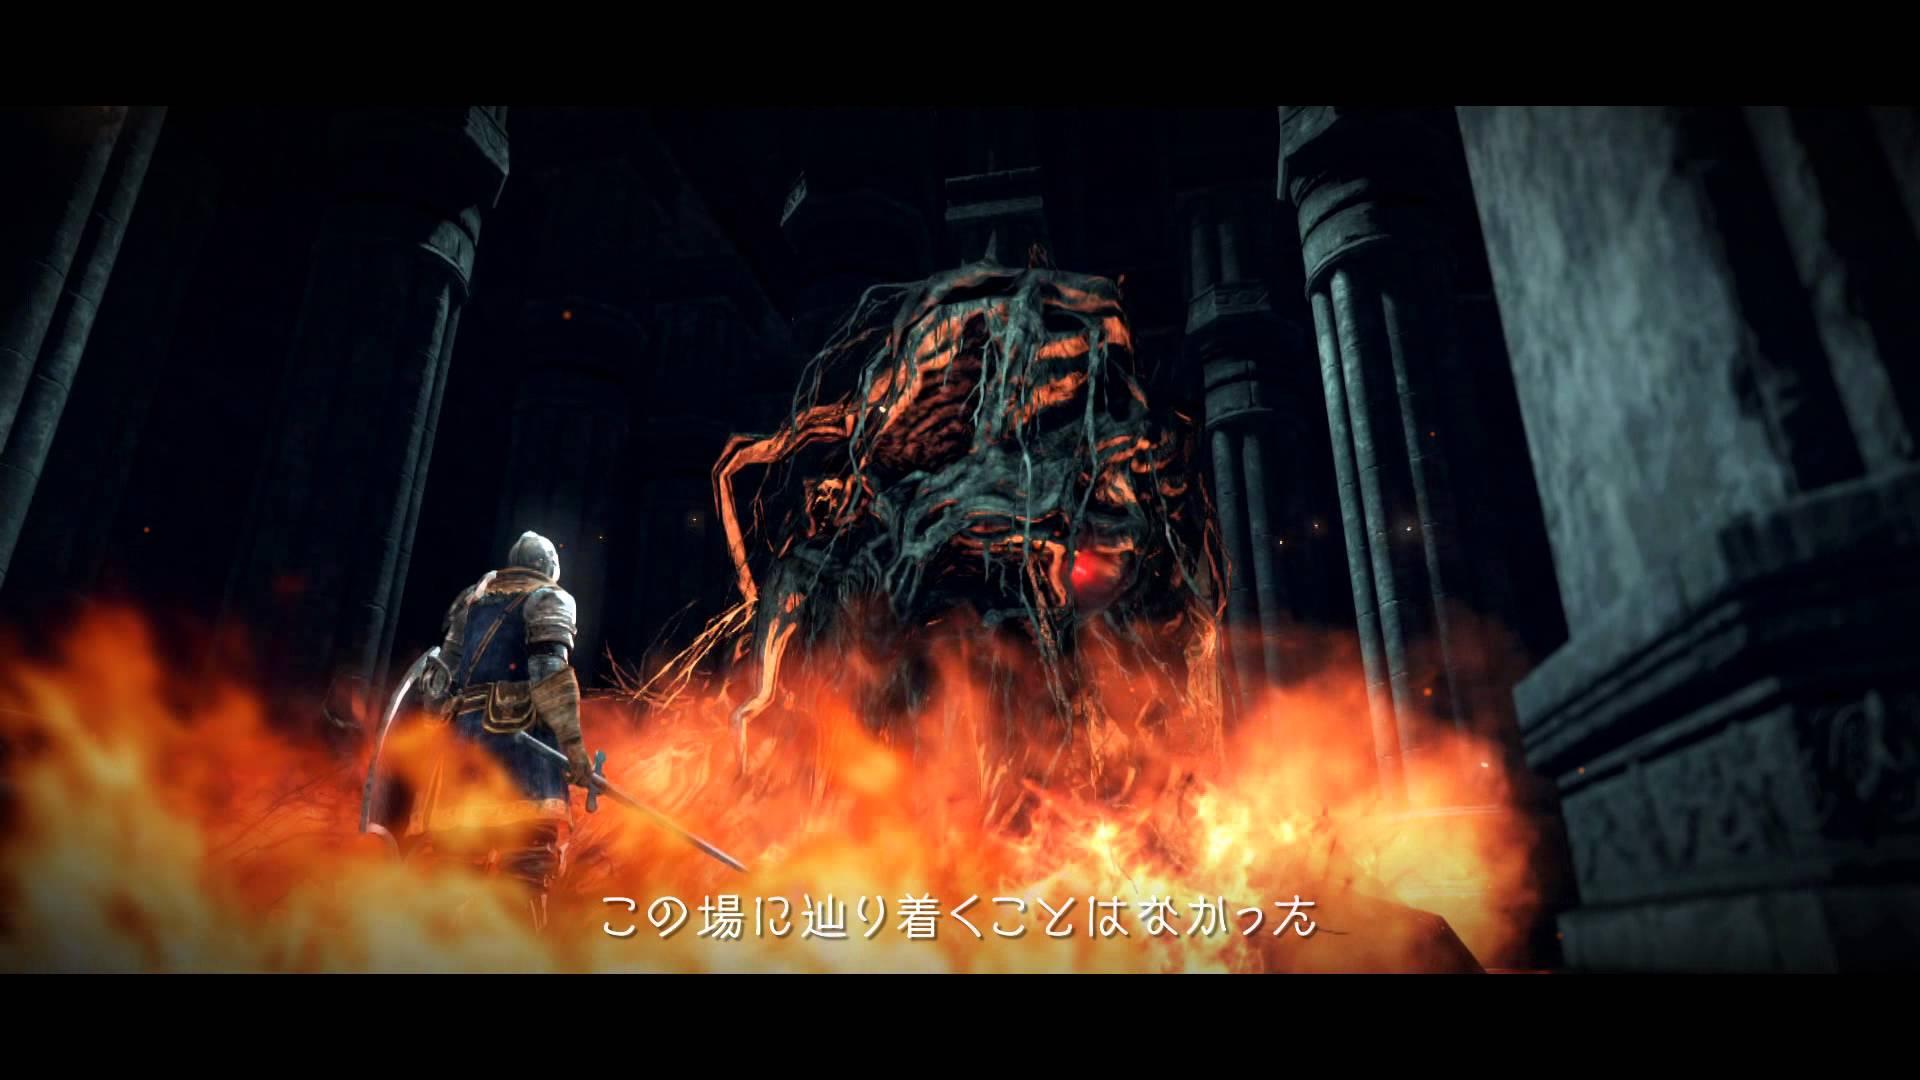 『ダークソウルII』新要素&DLC3部作収録の完全版がPS4/XboxOne/PS3/Xbox360/PCで発売決定!